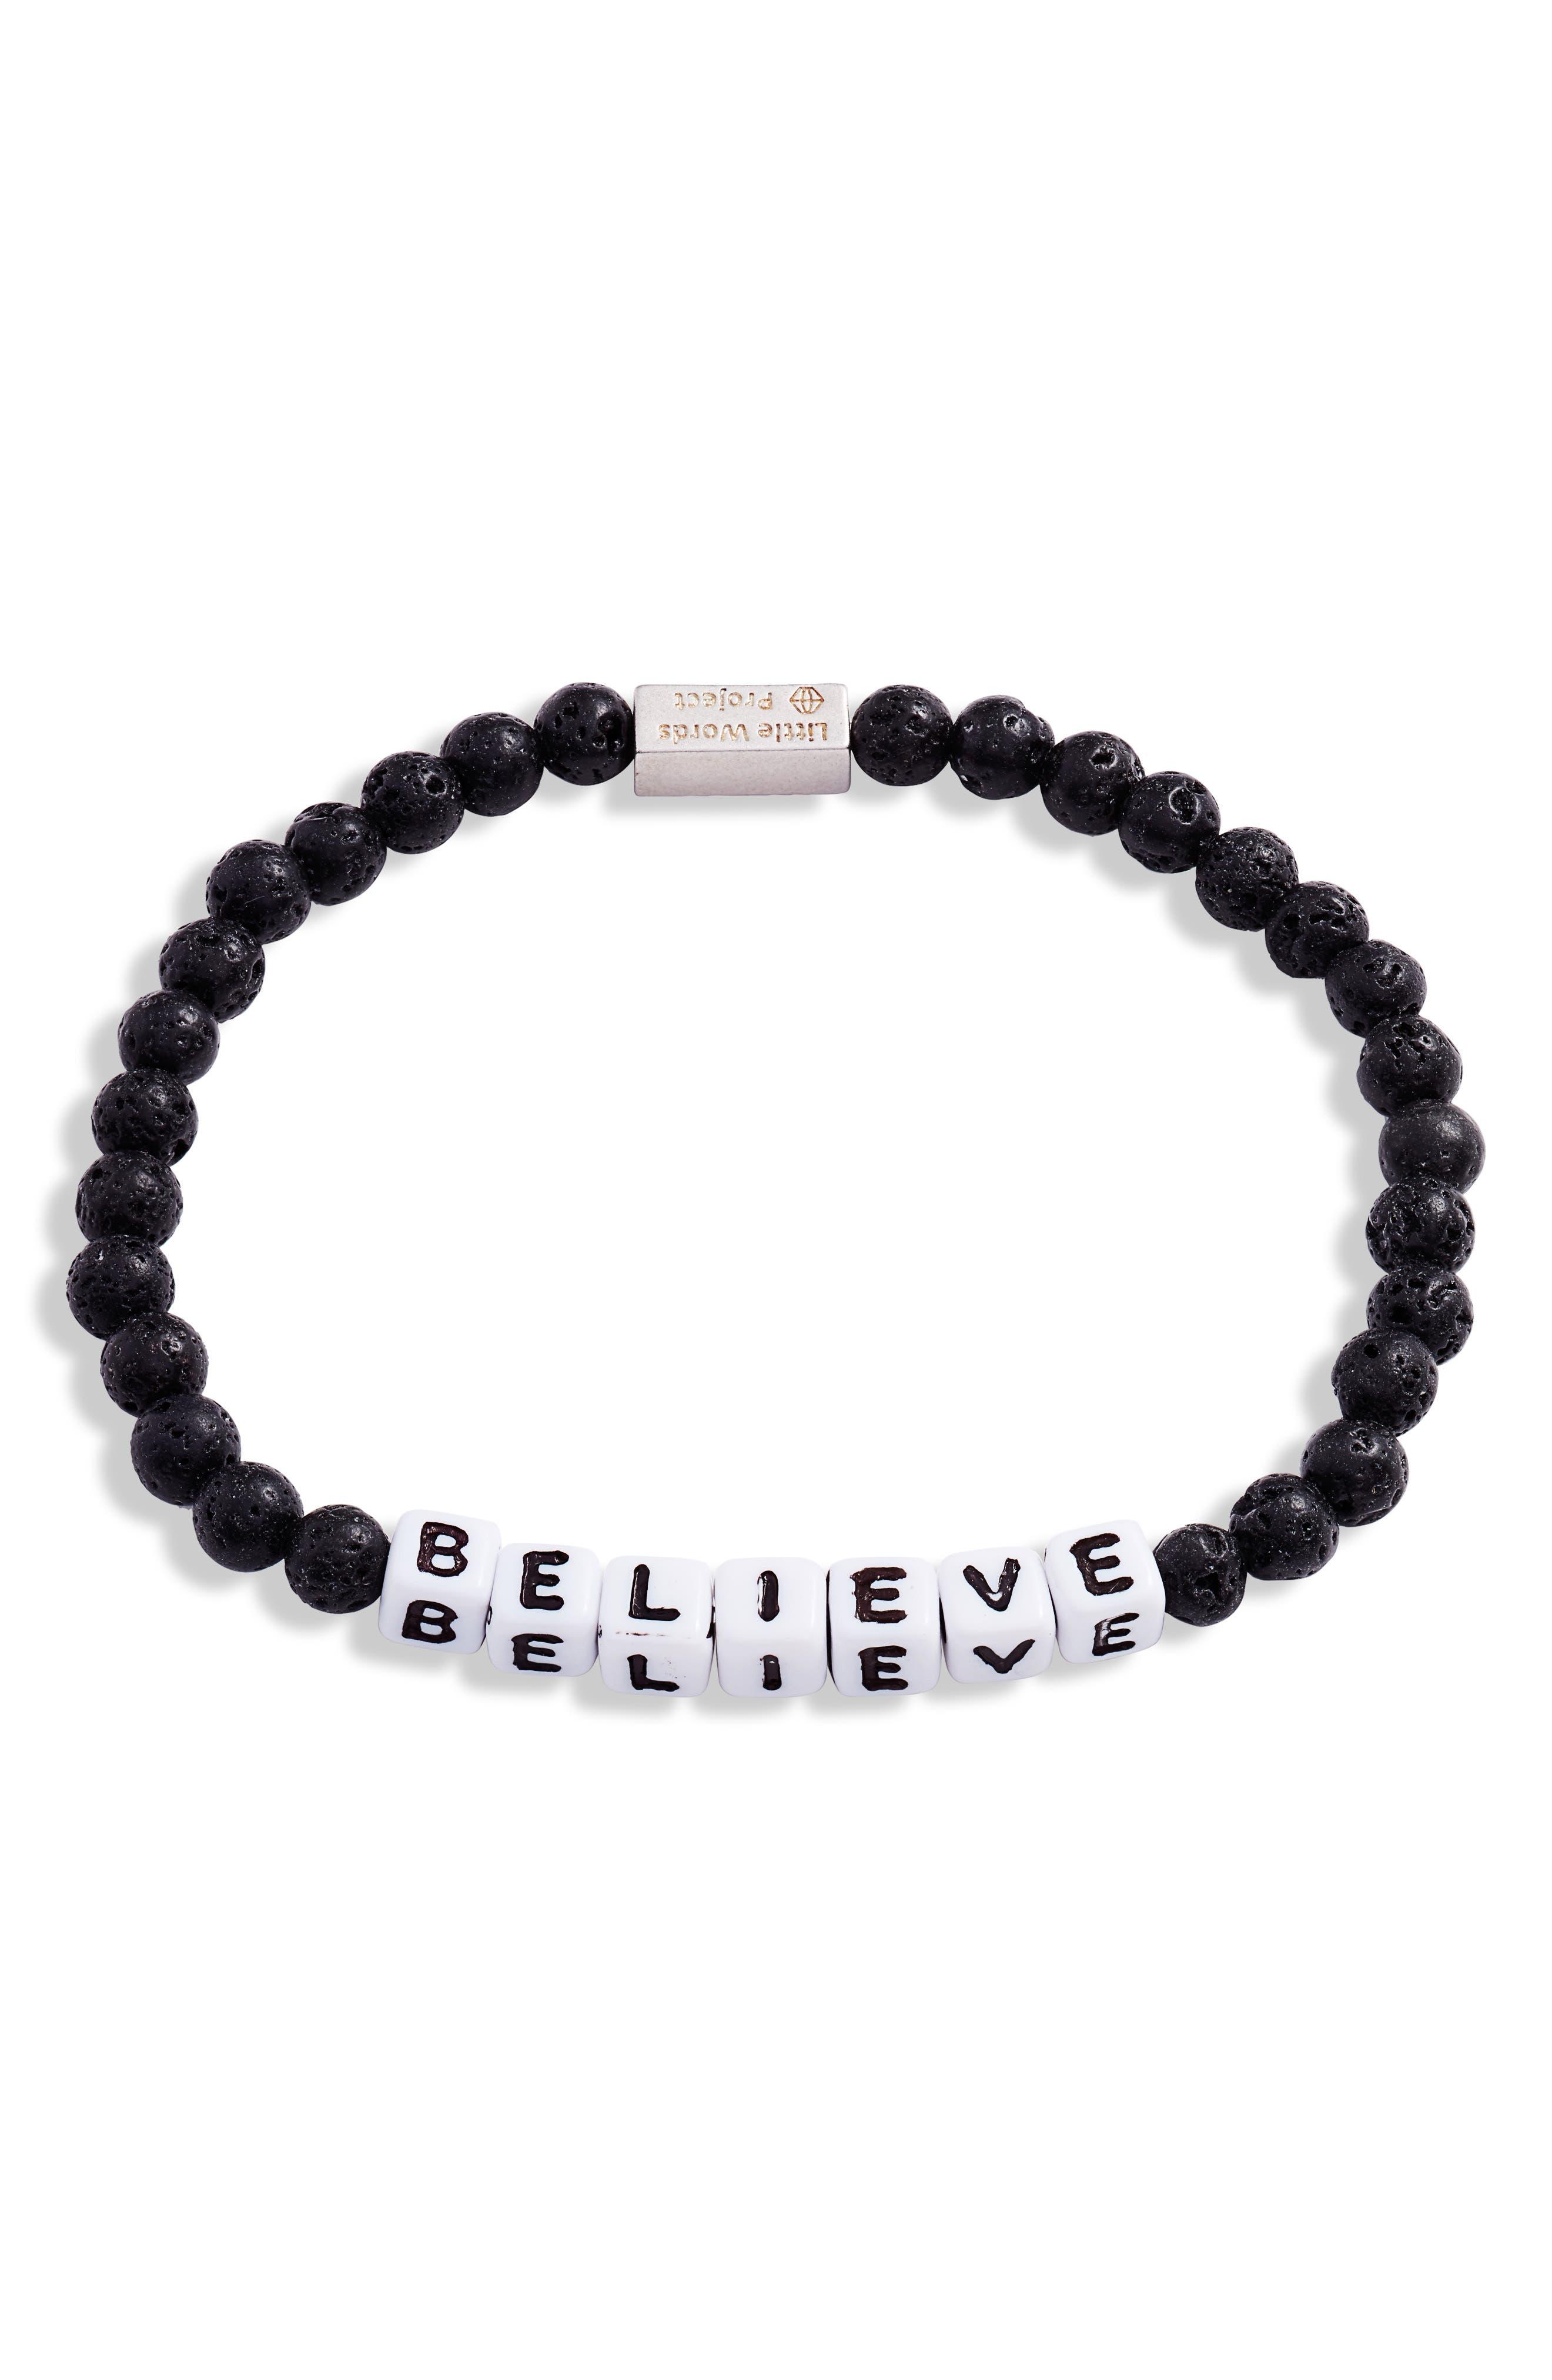 Believe Beaded Stretch Bracelet